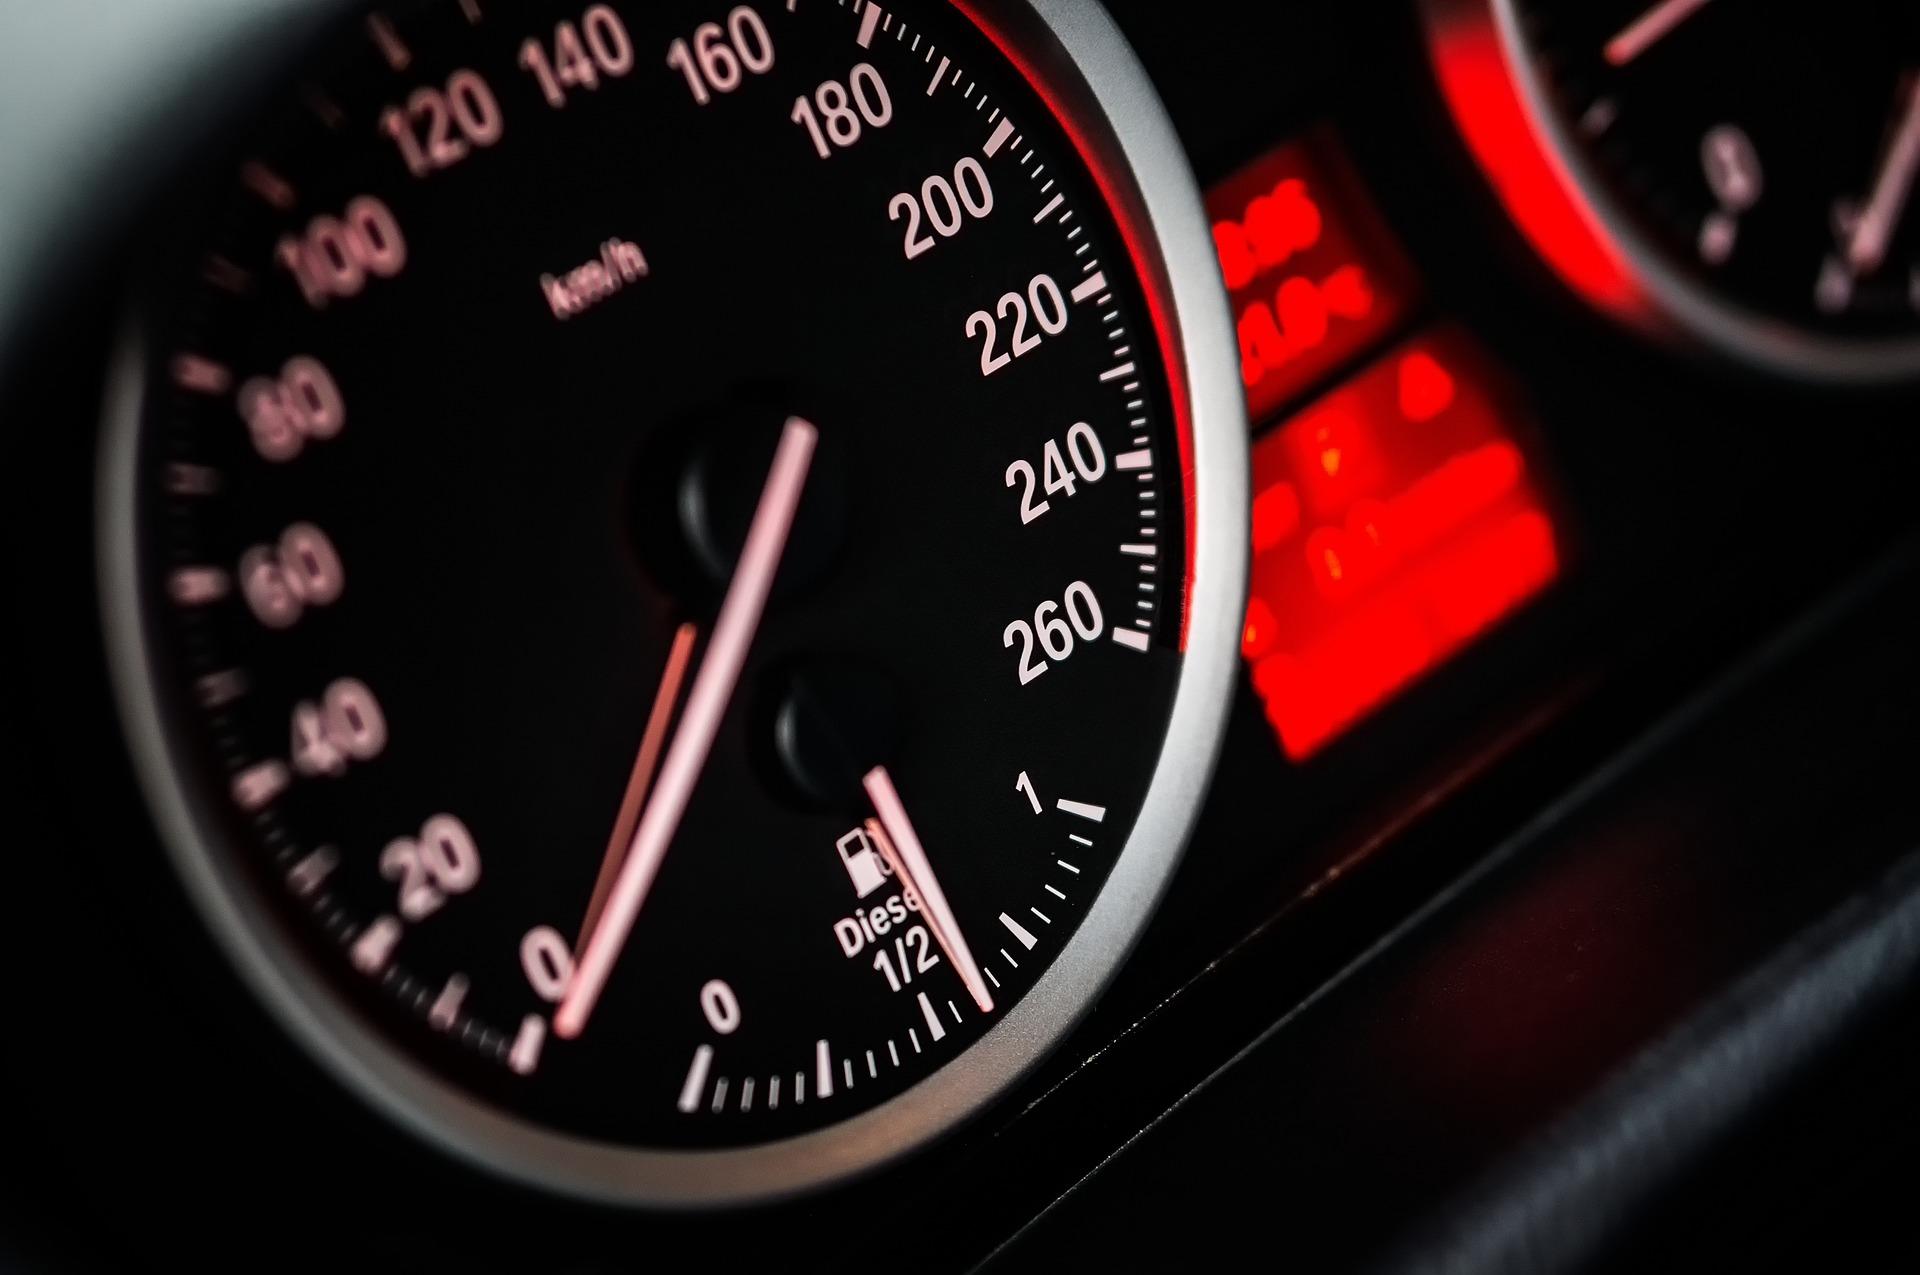 Ar pasiruošęs džiaugtis vairavimo laisve?